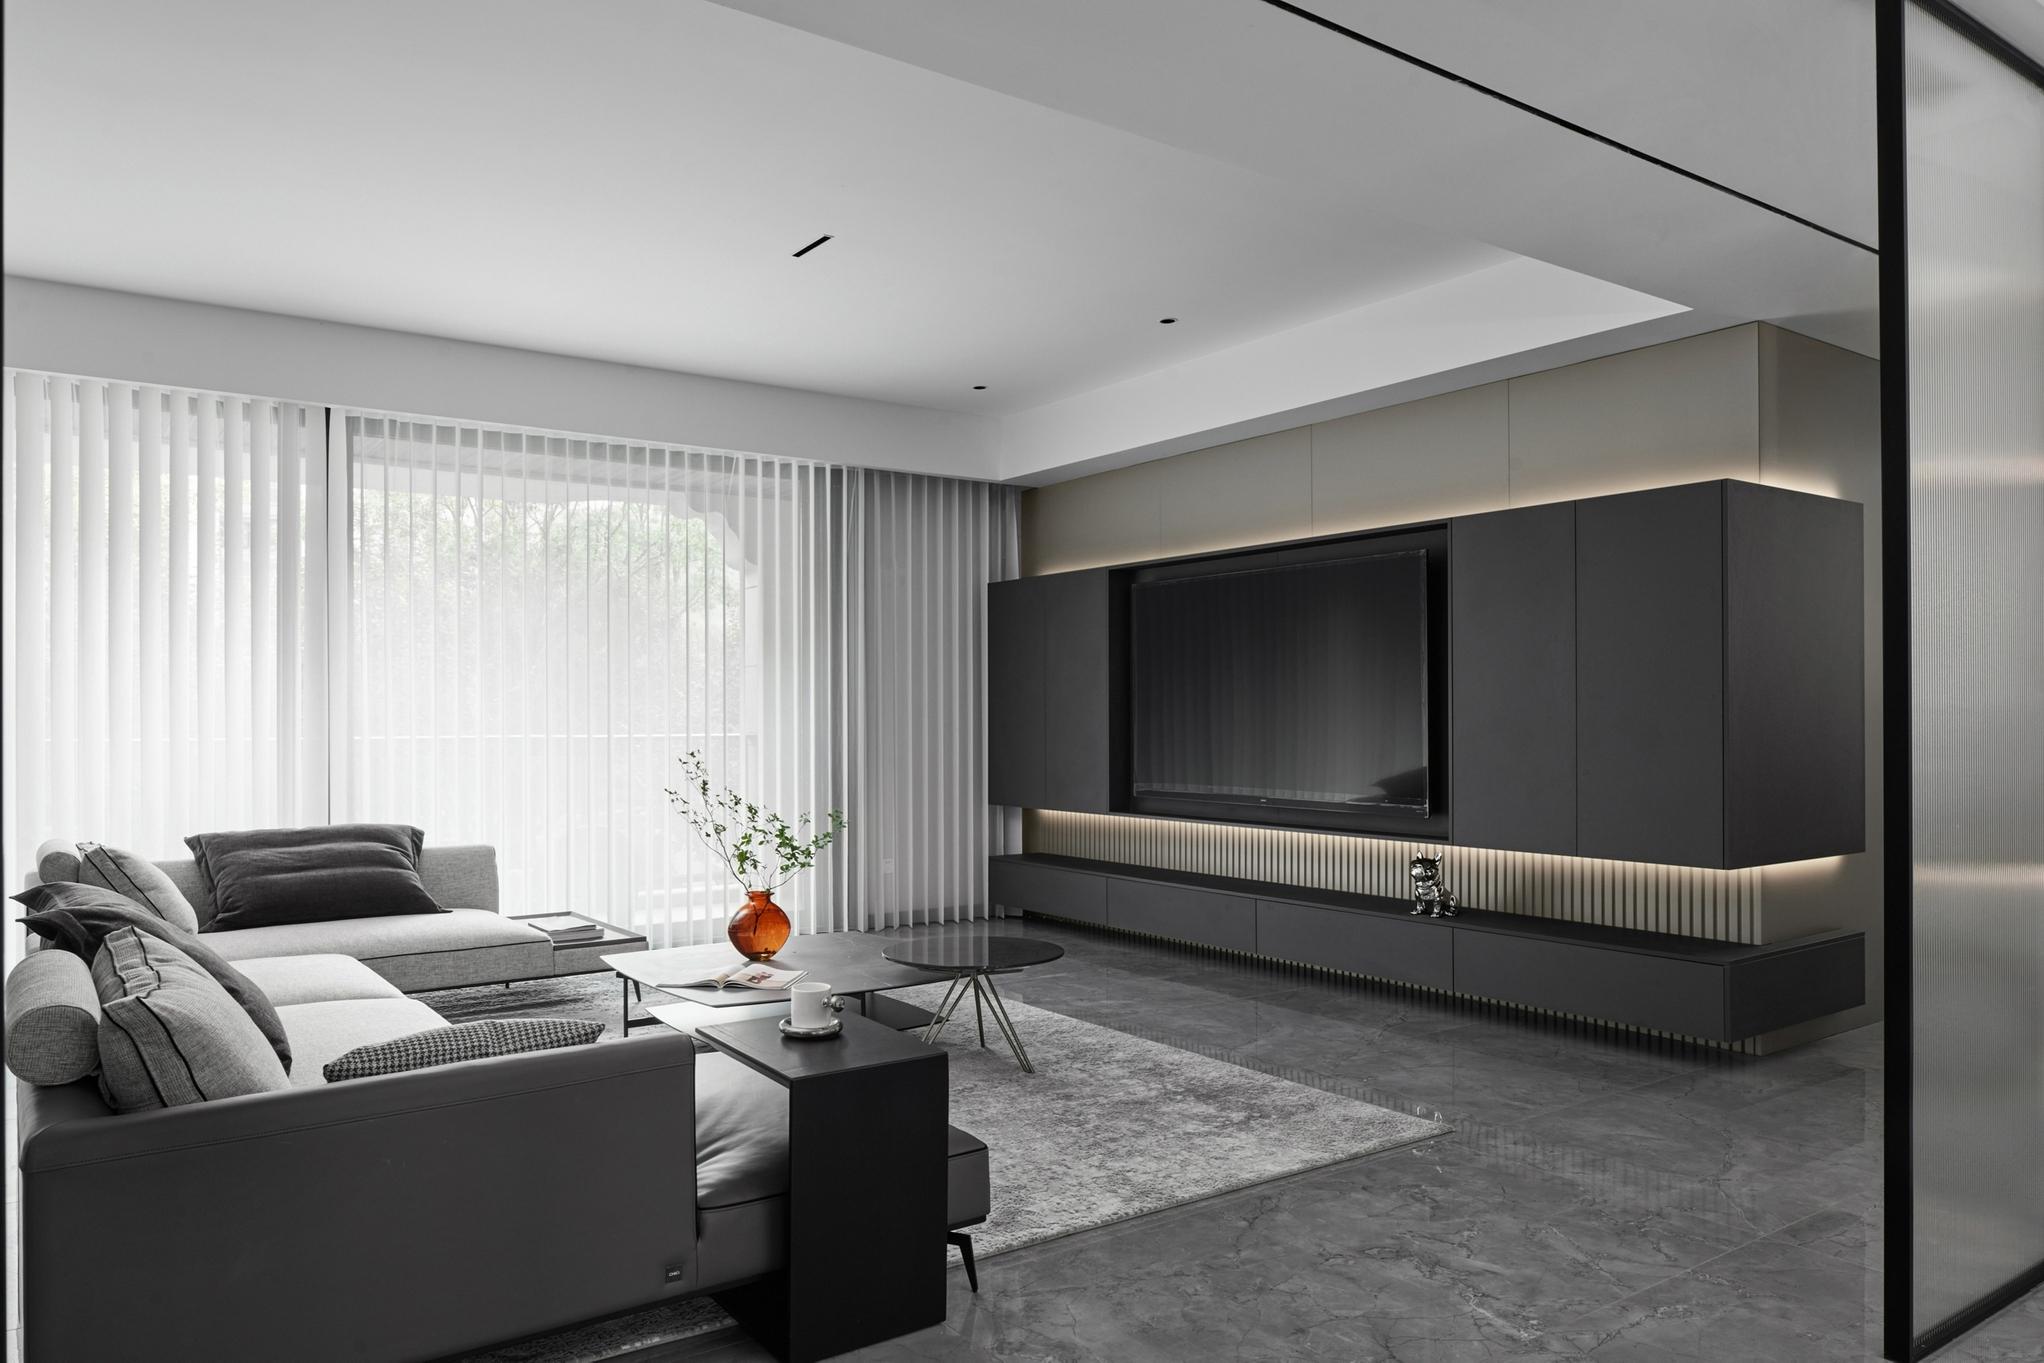 雷刚作品:270㎡简约大宅,全屋单色打造,现代美学演绎质感空间